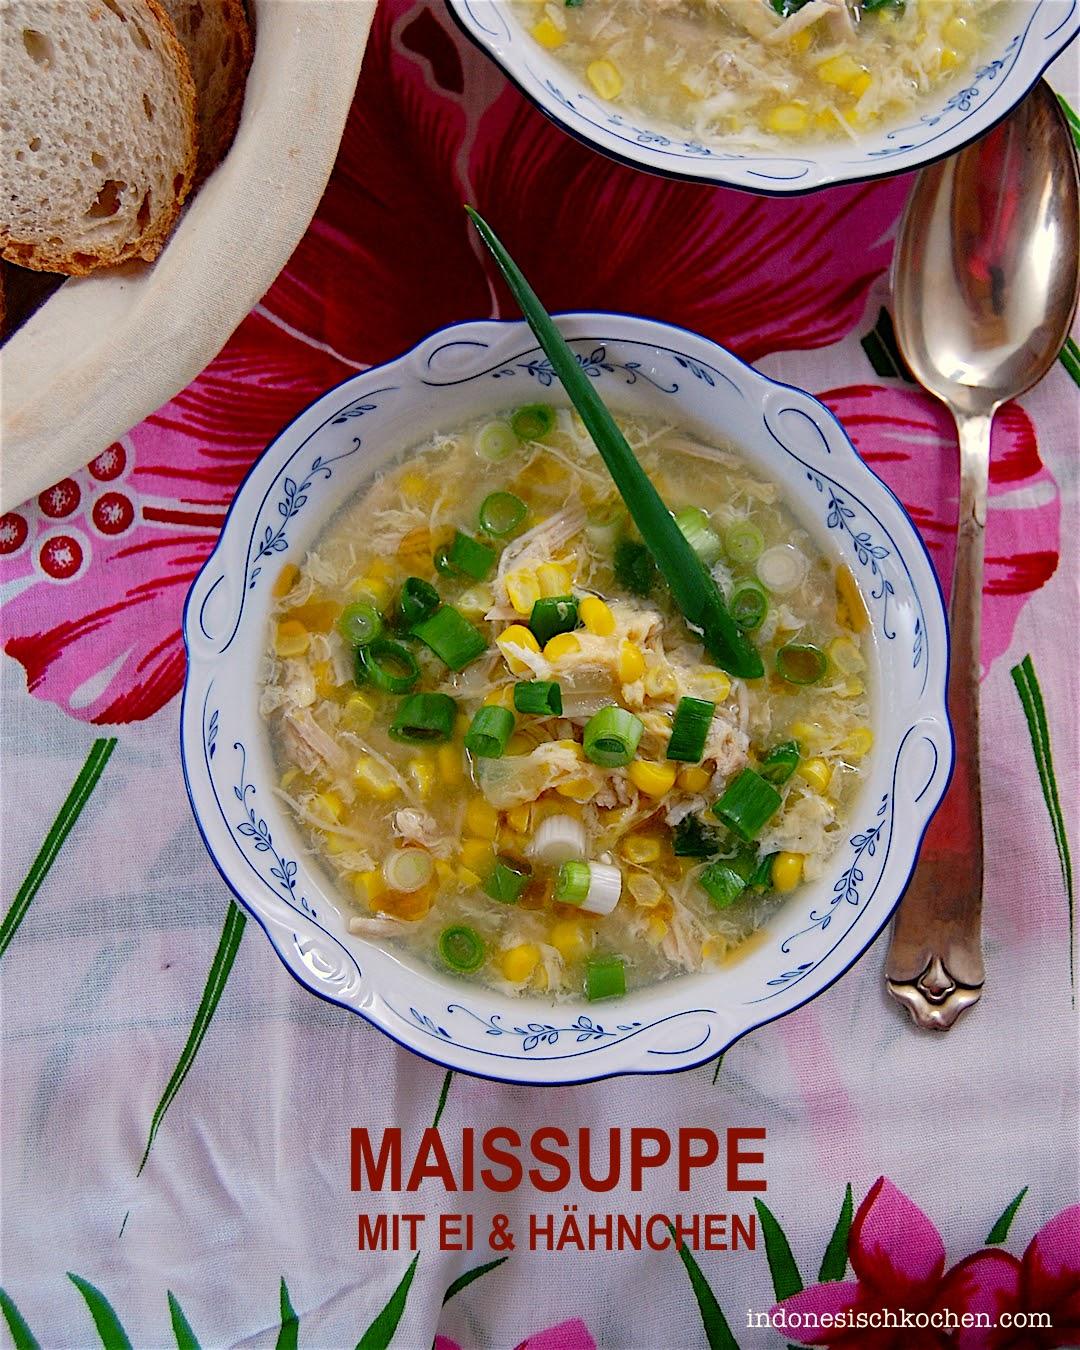 indonesisch kochen: Asiatische Maissuppe mit Eierflocken